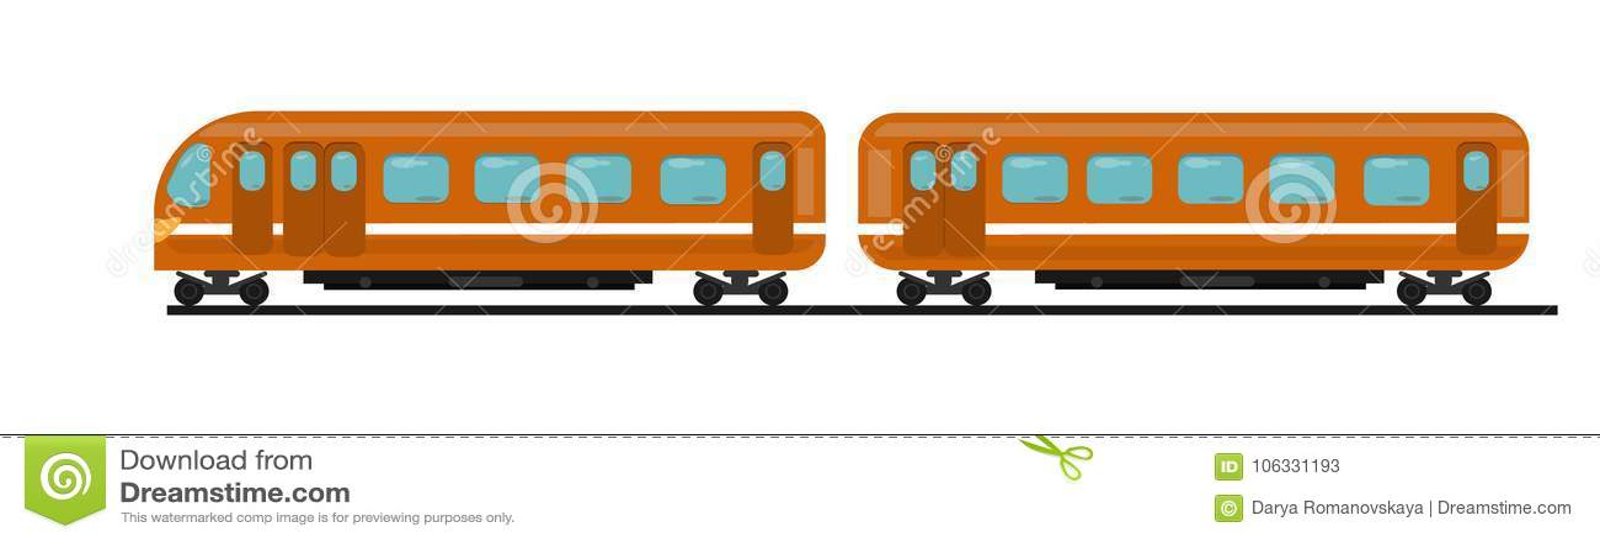 Personenzug der orange Farbe von zwei Autos auf Schienen